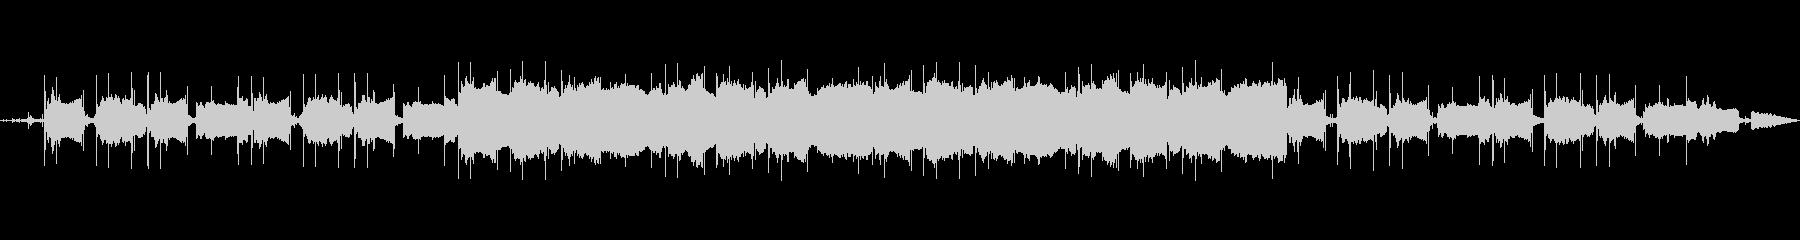 レコード調chillなLo-fiビートの未再生の波形